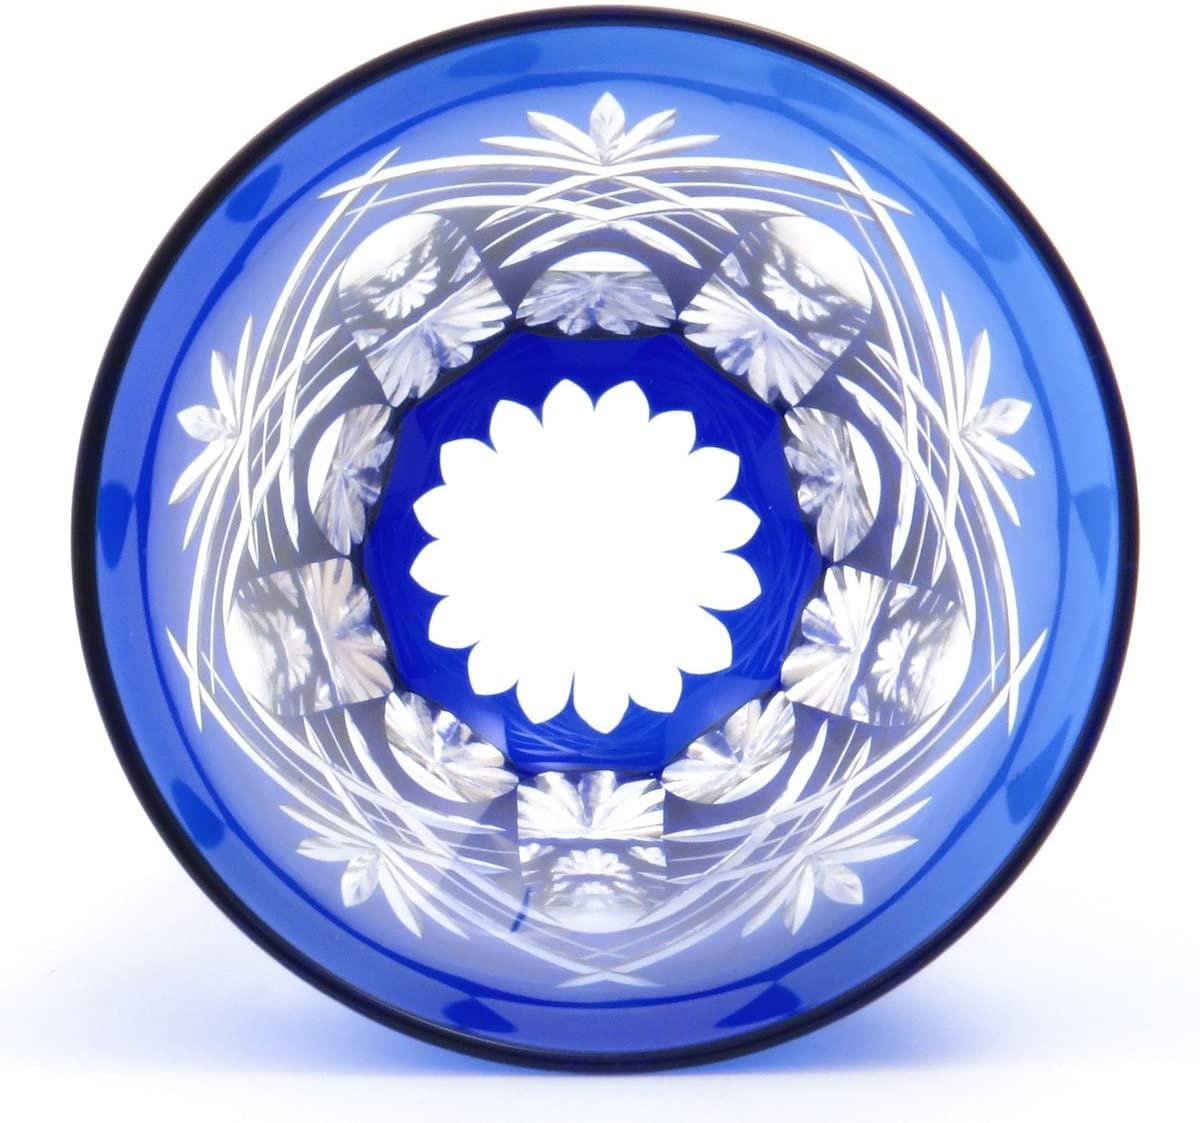 すみだ江戸切子館 焼酎グラス (化粧箱入) 重ね剣矢来 (藍) KY-44の商品画像3